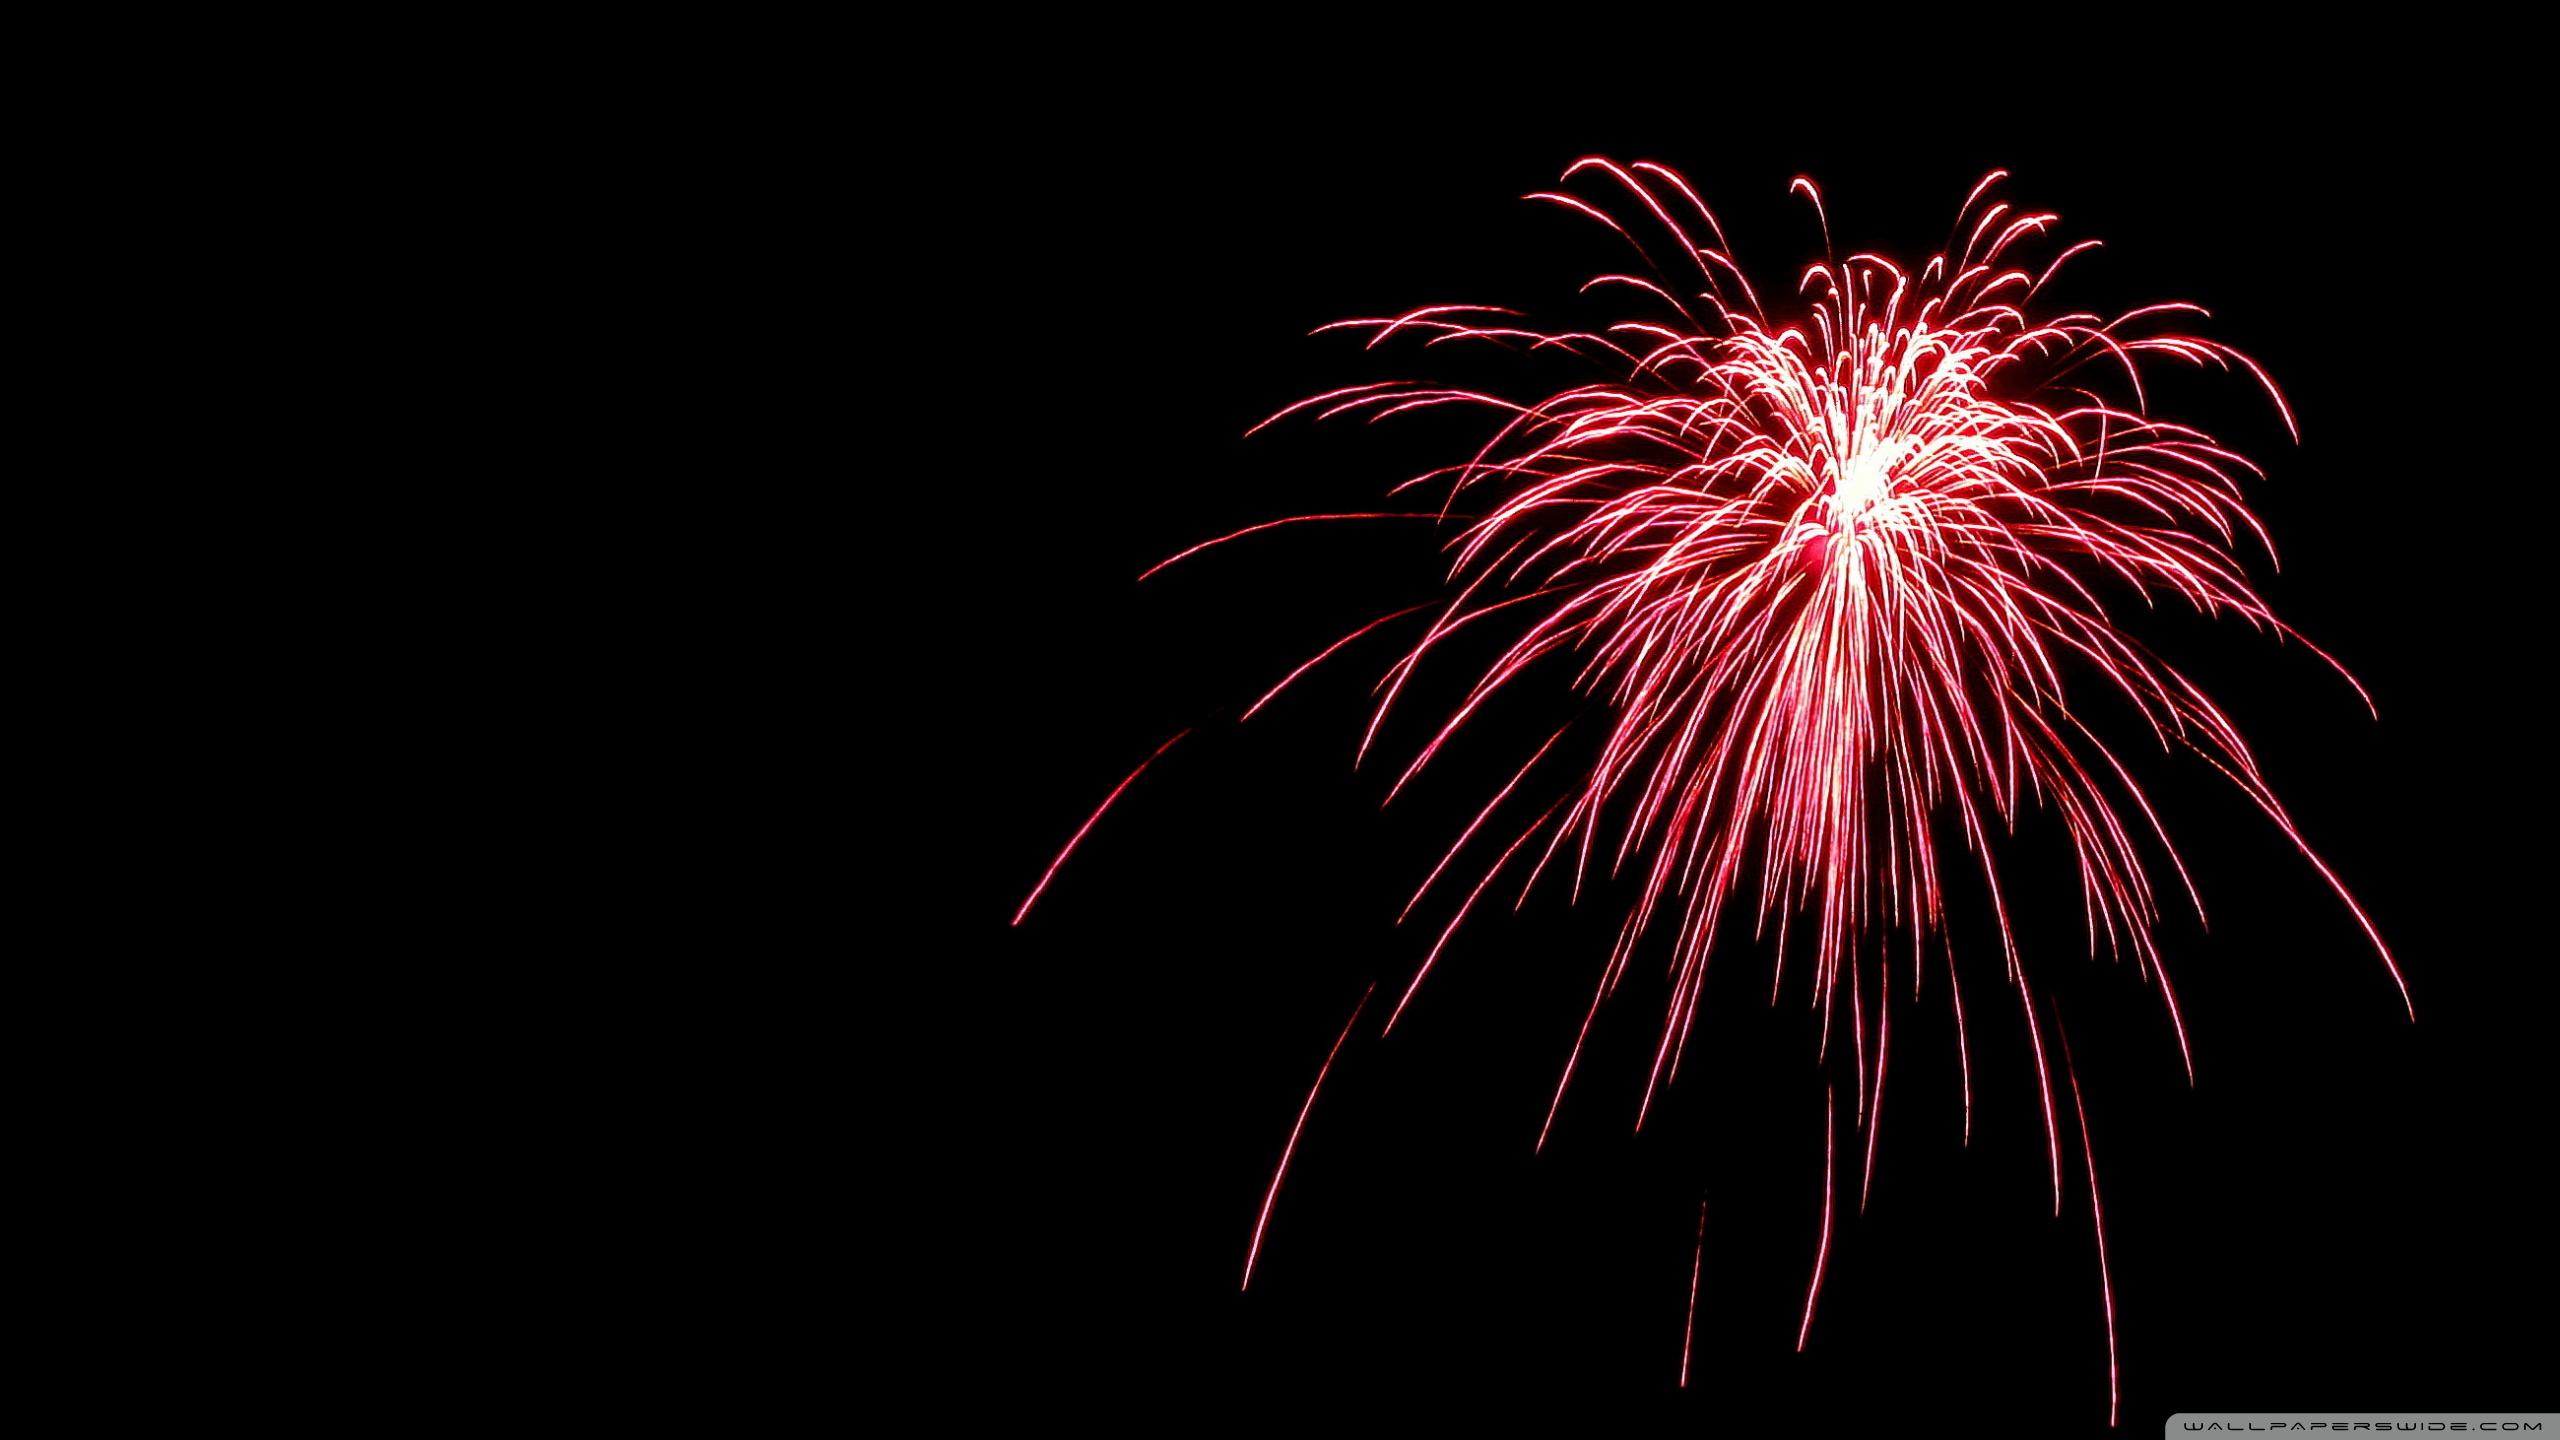 fireworks 4k hd desktop